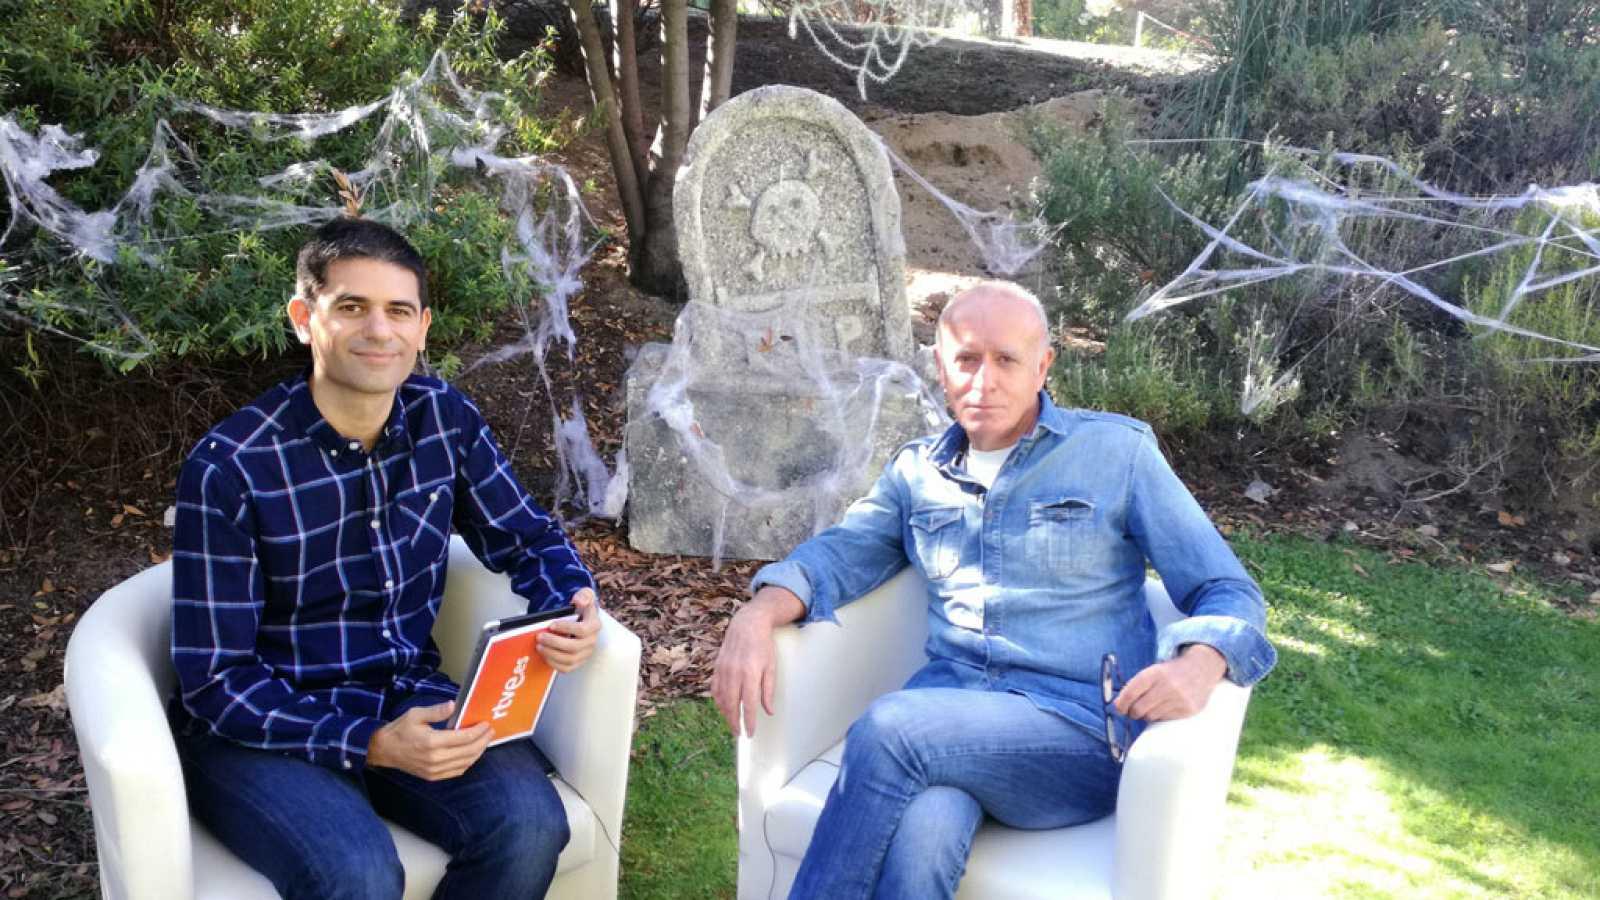 Espacio en blanco - Videoencuentro con Miguel Blanco - 26/10/17 - Ver ahora